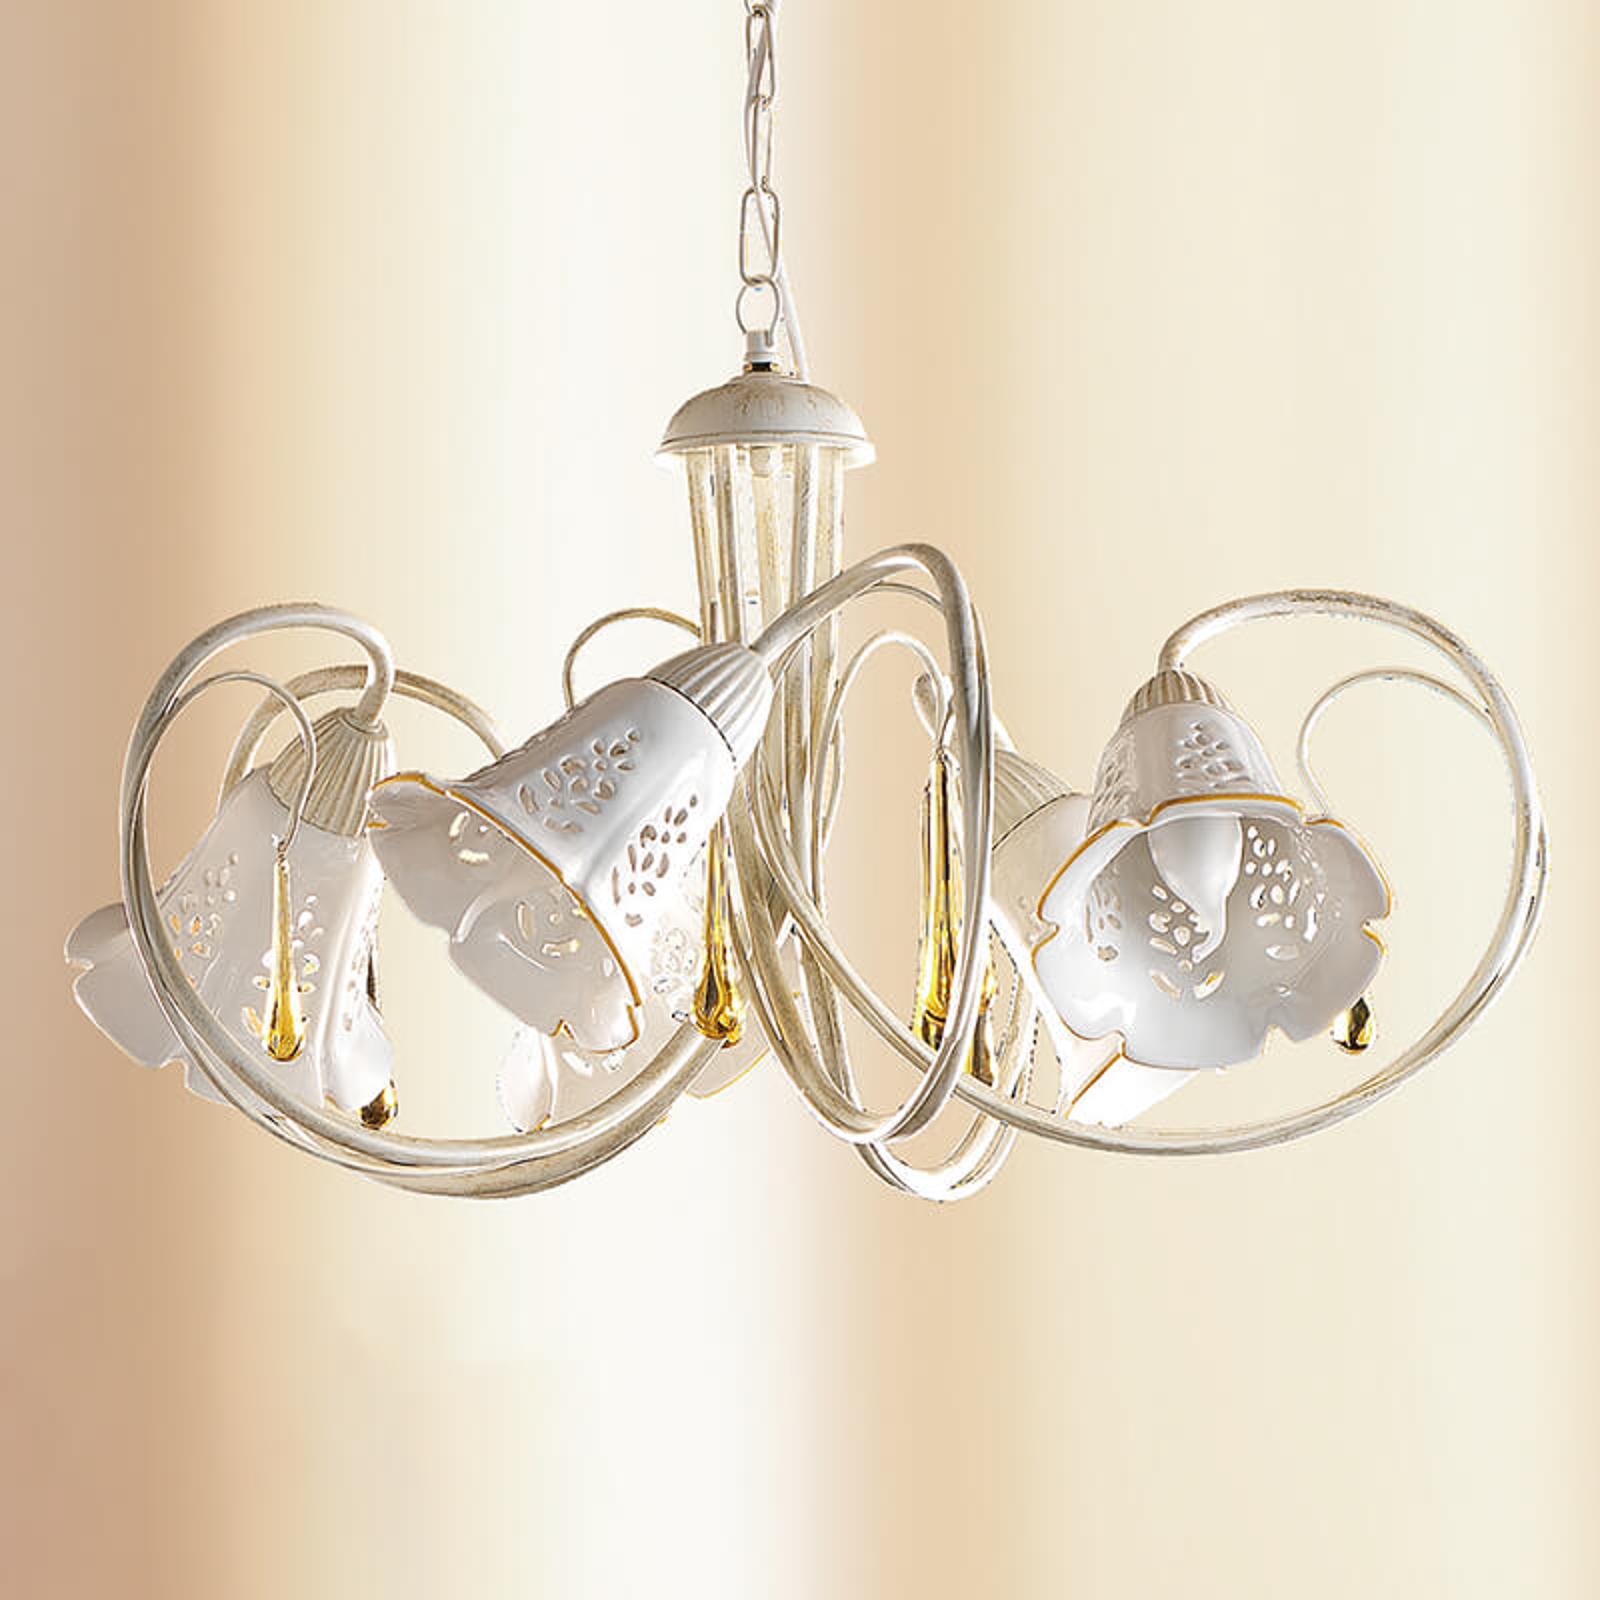 Cocce - svingende keramisk hængelampe